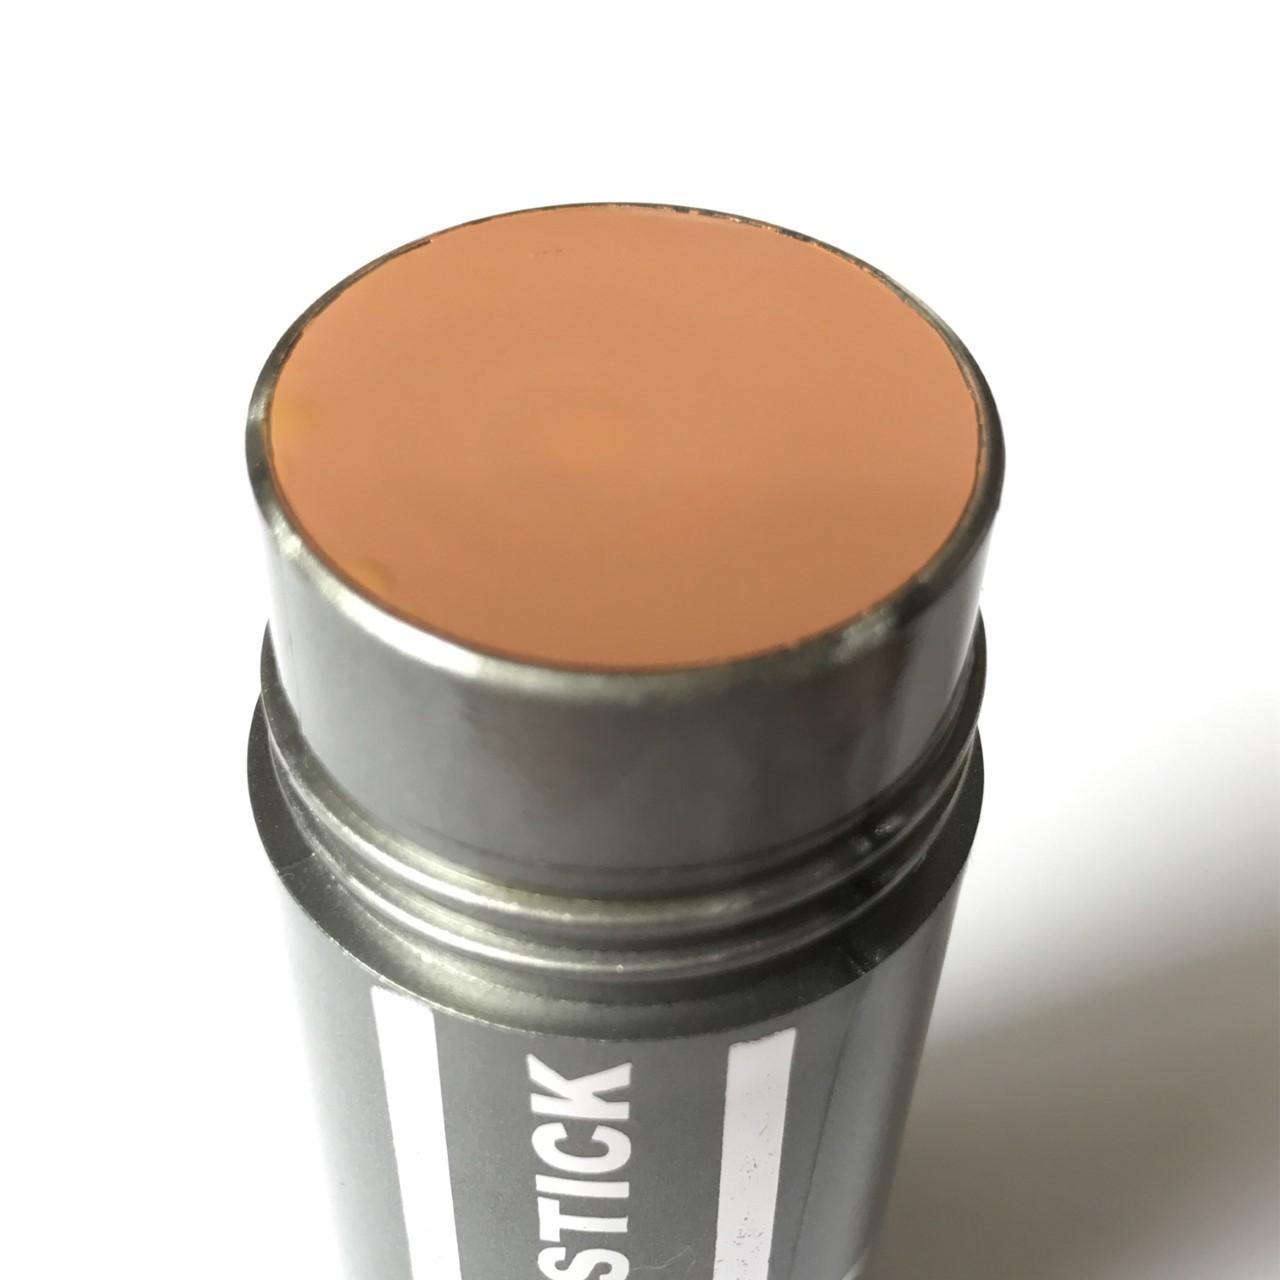 Maquillage kryolan paint stick 5047 w8